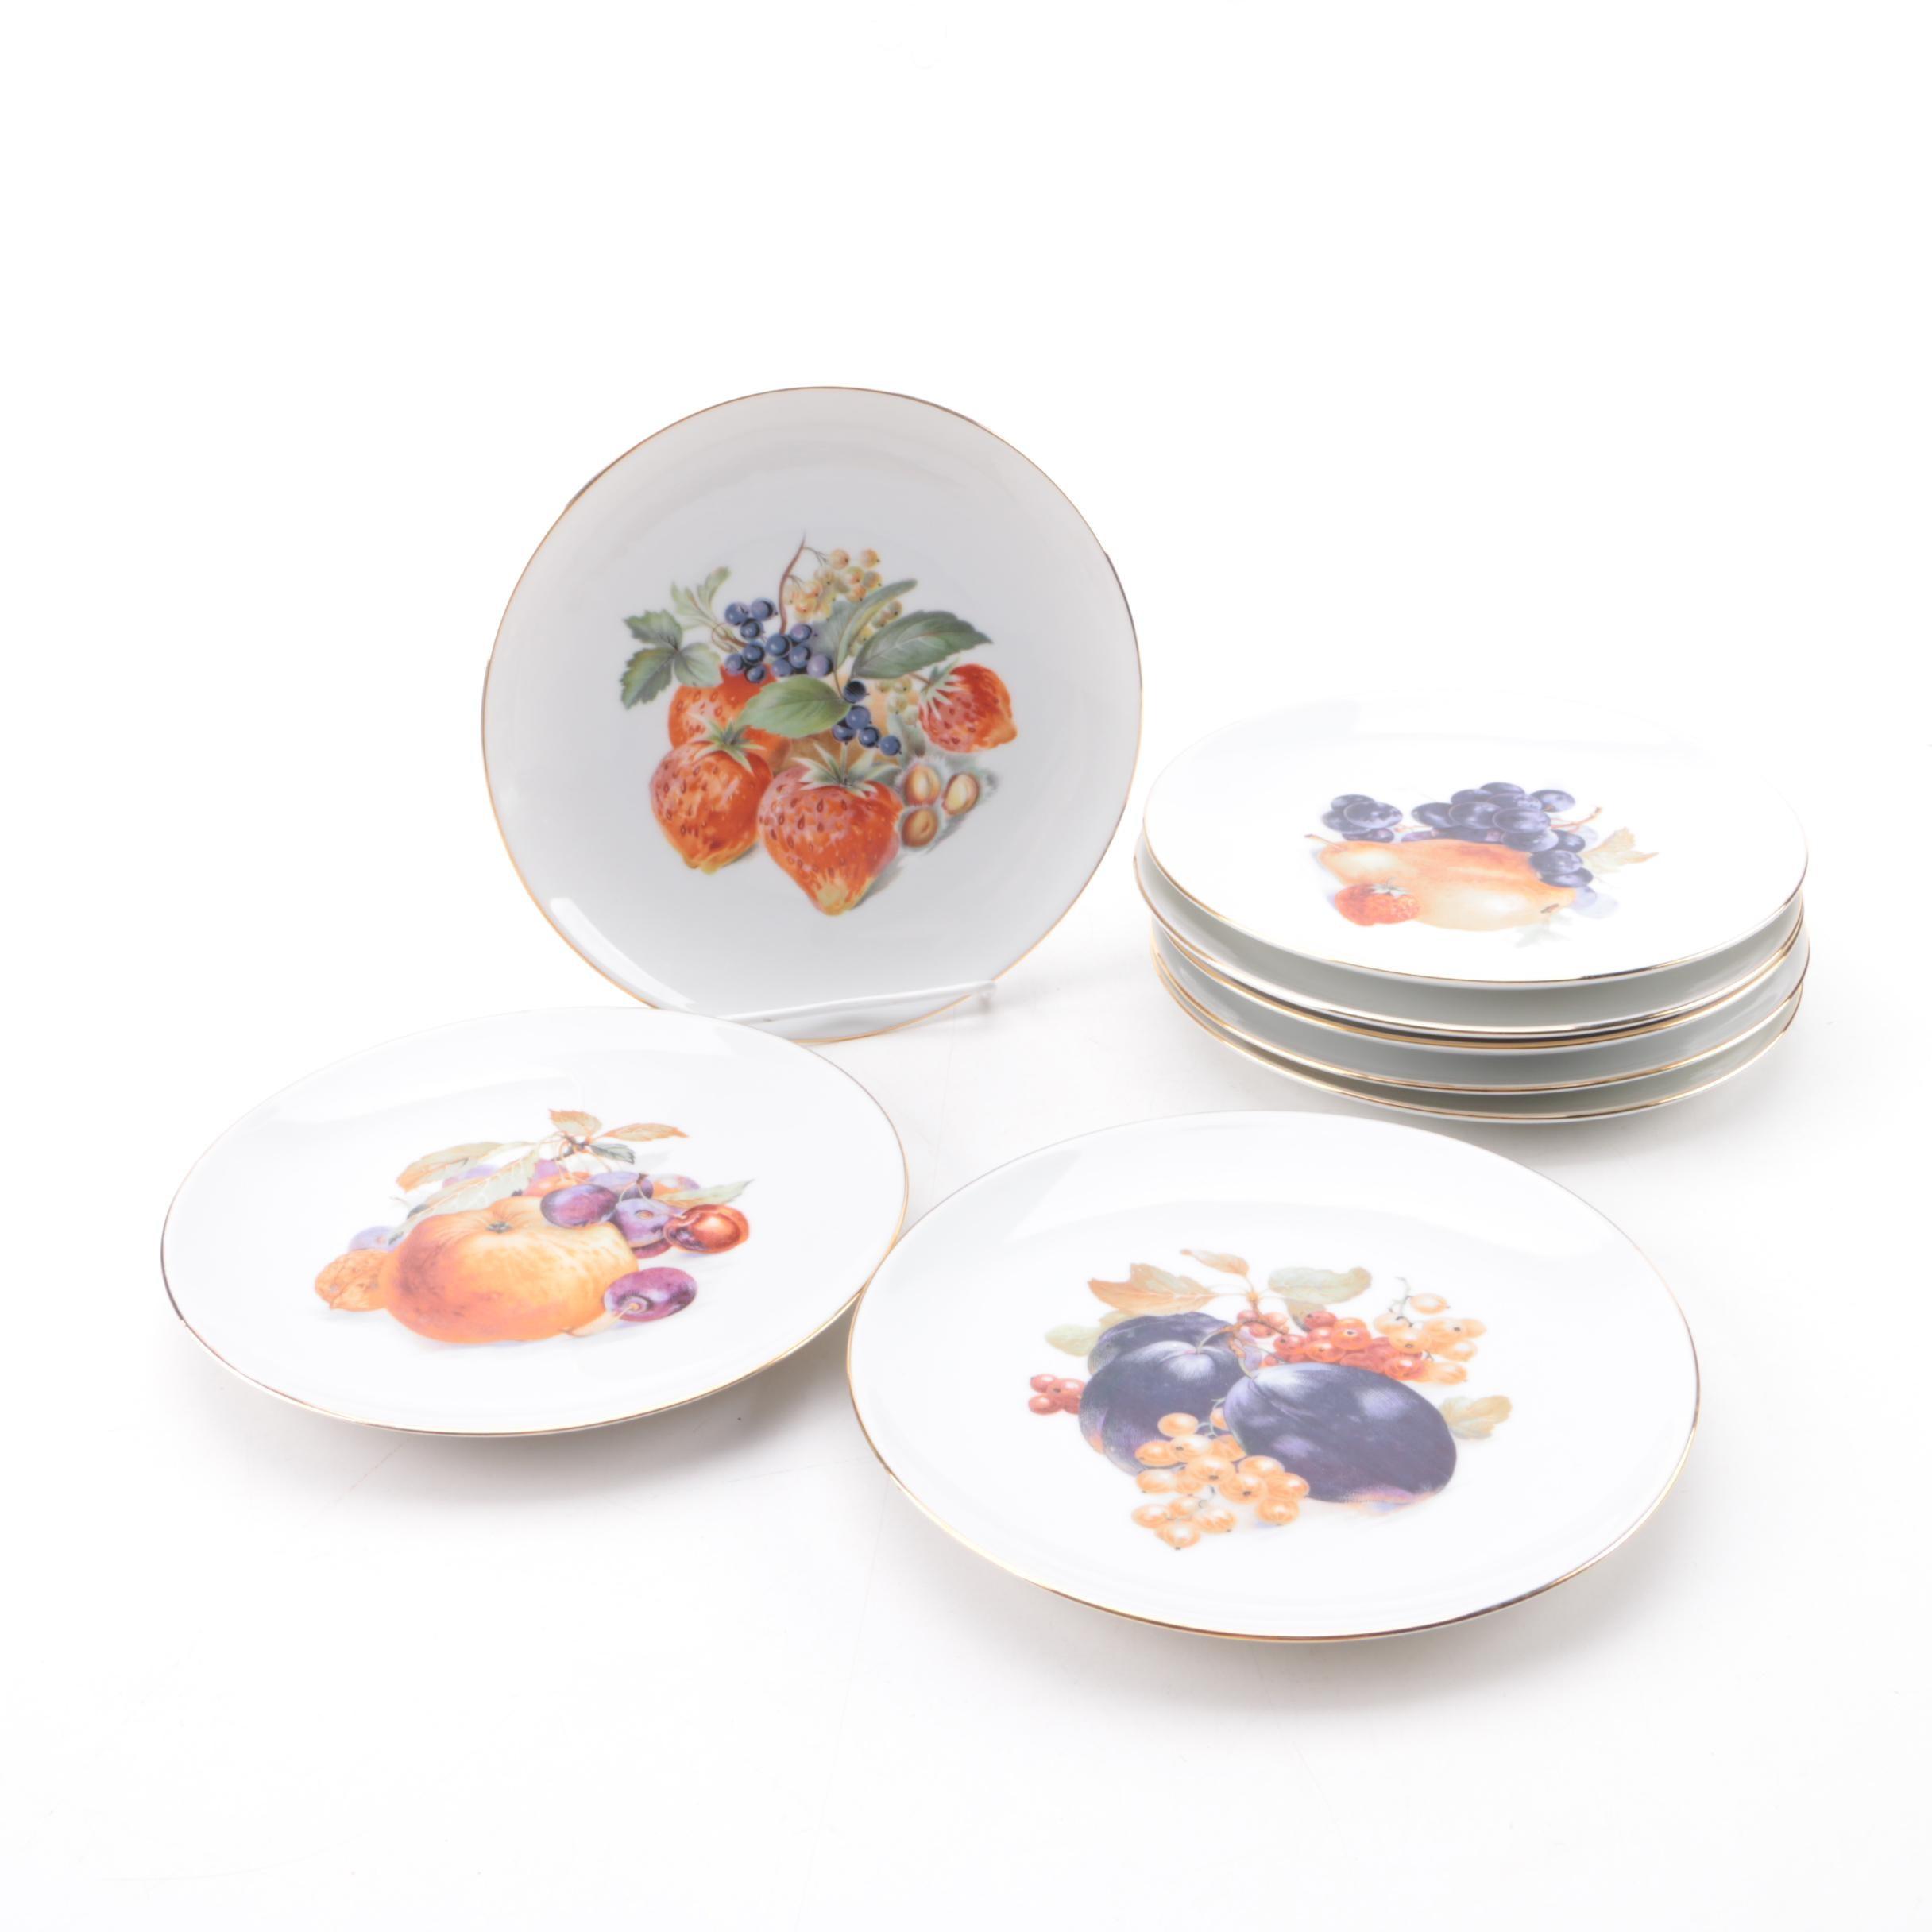 Vintage Winterling Porcelain Dessert Plates